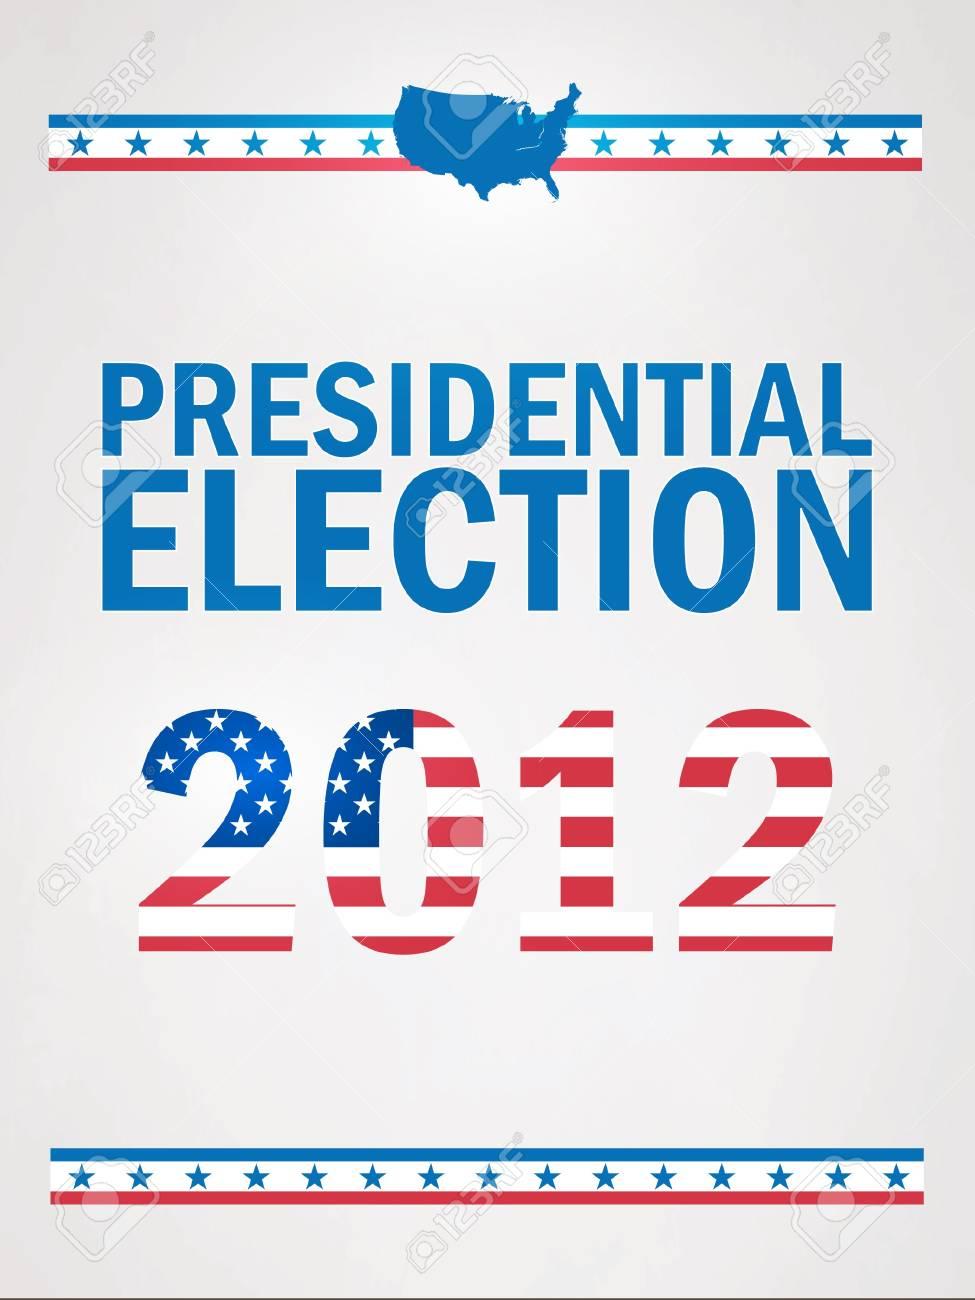 2012 年アメリカ合衆国大統領選挙のイラスト素材・ベクタ - Image ...